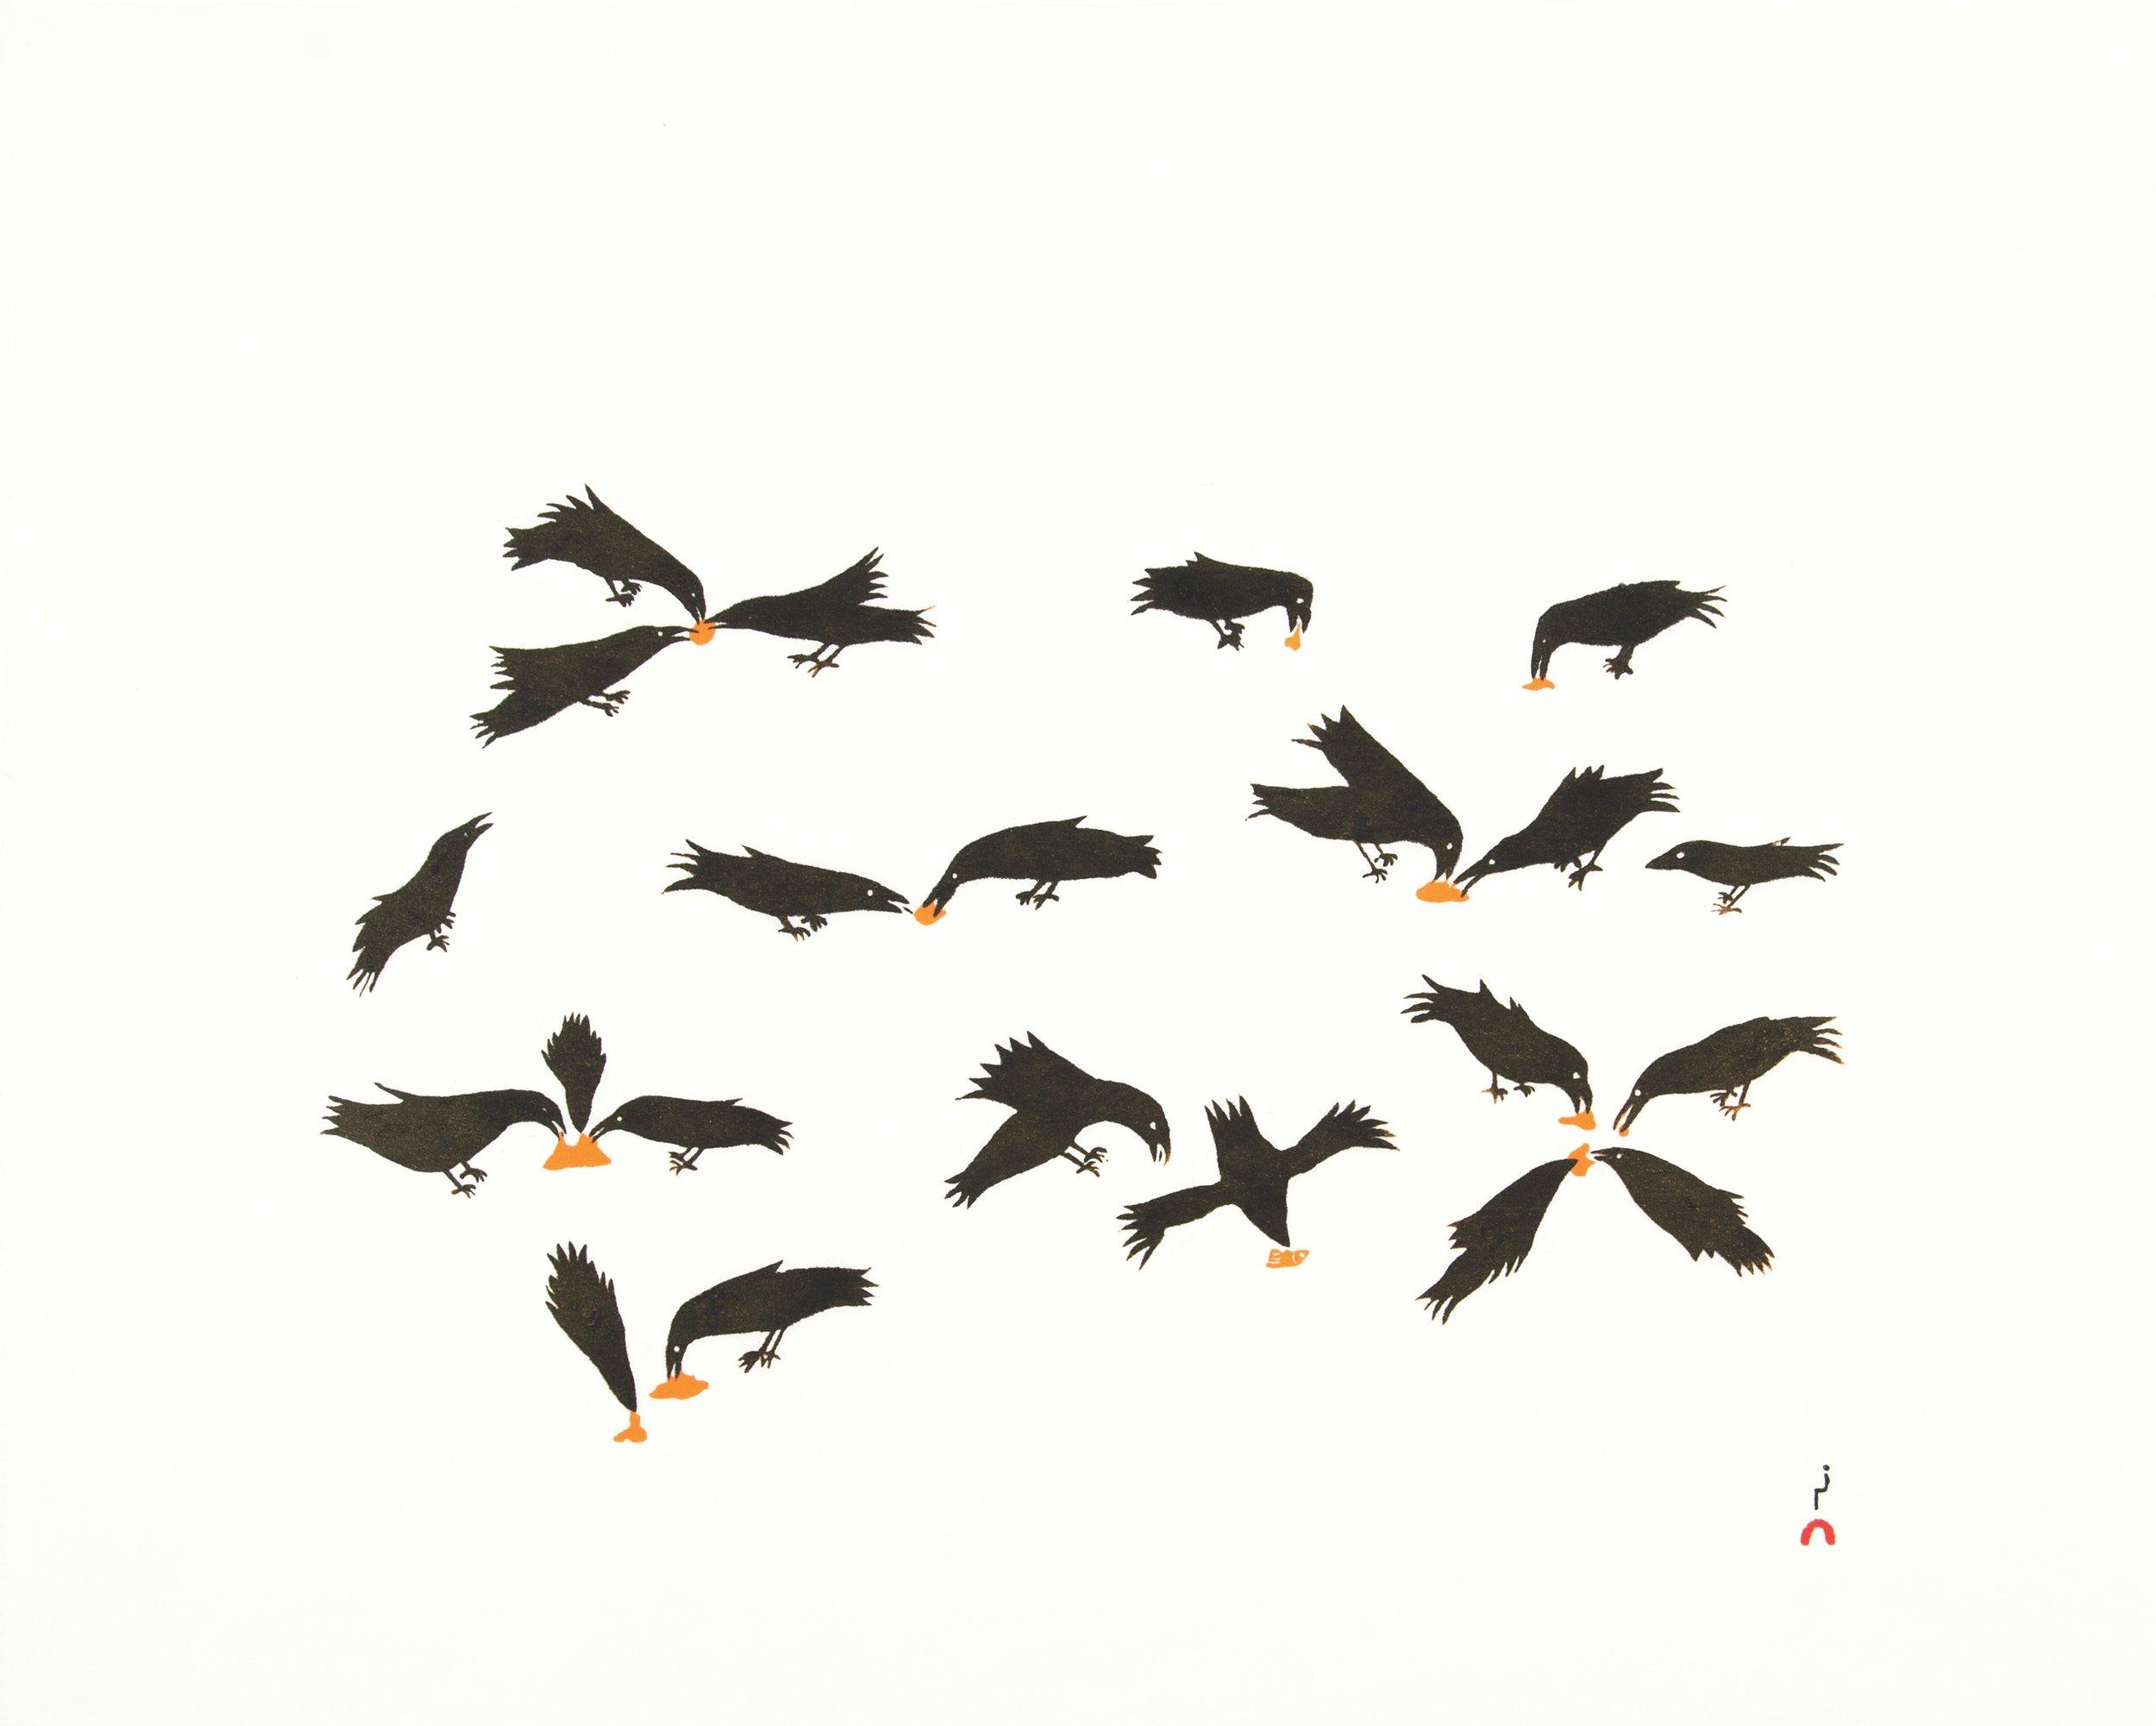 """OLOOREAK ETUNGAT 12. Feeding Ravens Stonecut Paper: Kizuki Kozo White Printer: Cee Pootoogook 48.5 x 61.5 cm 19"""" x 24 ¼"""" $ 500 $400 $375"""